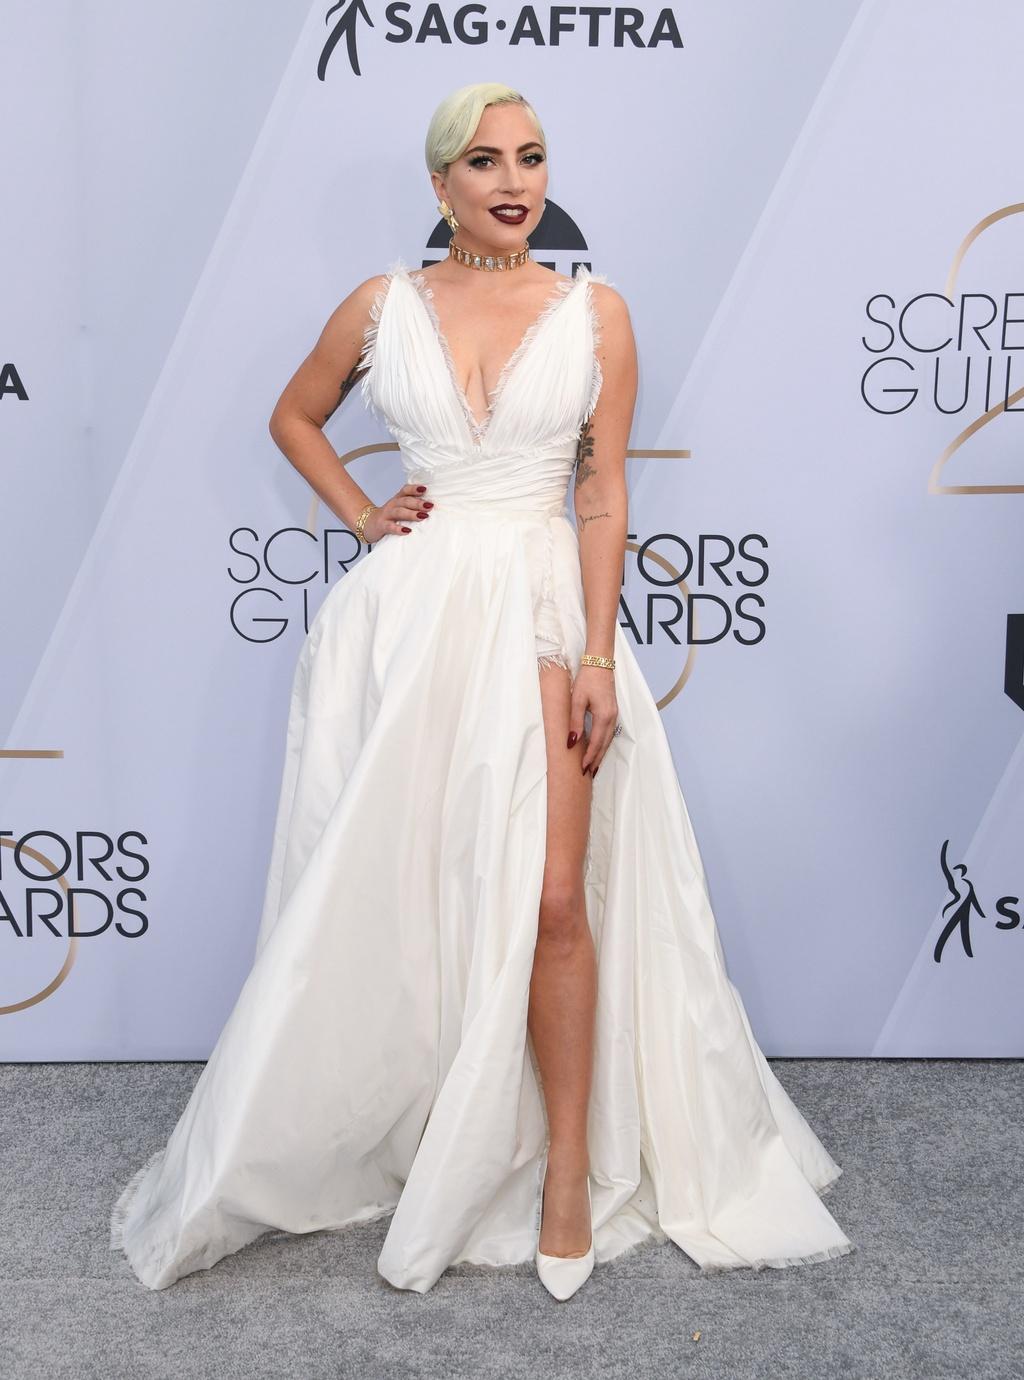 Trang phuc Lady Gaga va Margot Robbie an tuong nhat tham do SAG 2019 hinh anh 1